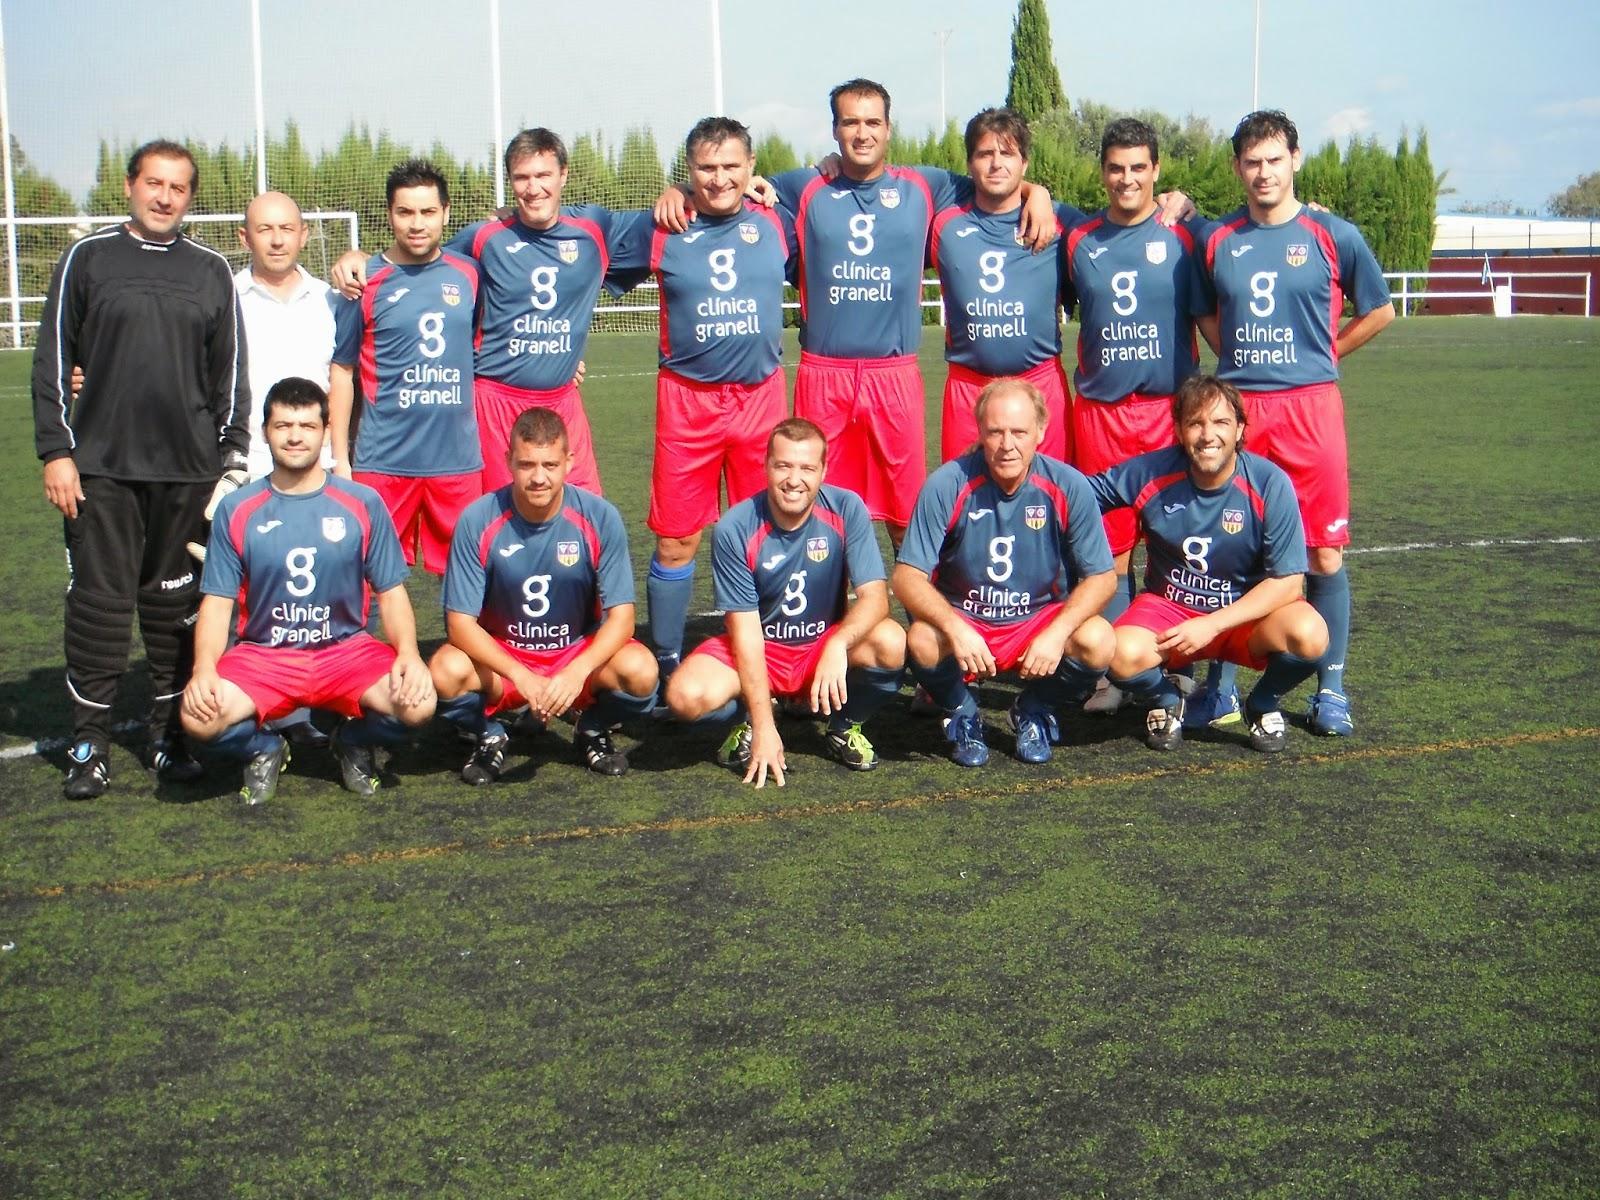 Veteranos futbol salesianos-Clinica Granell fisioterapeuta castellon